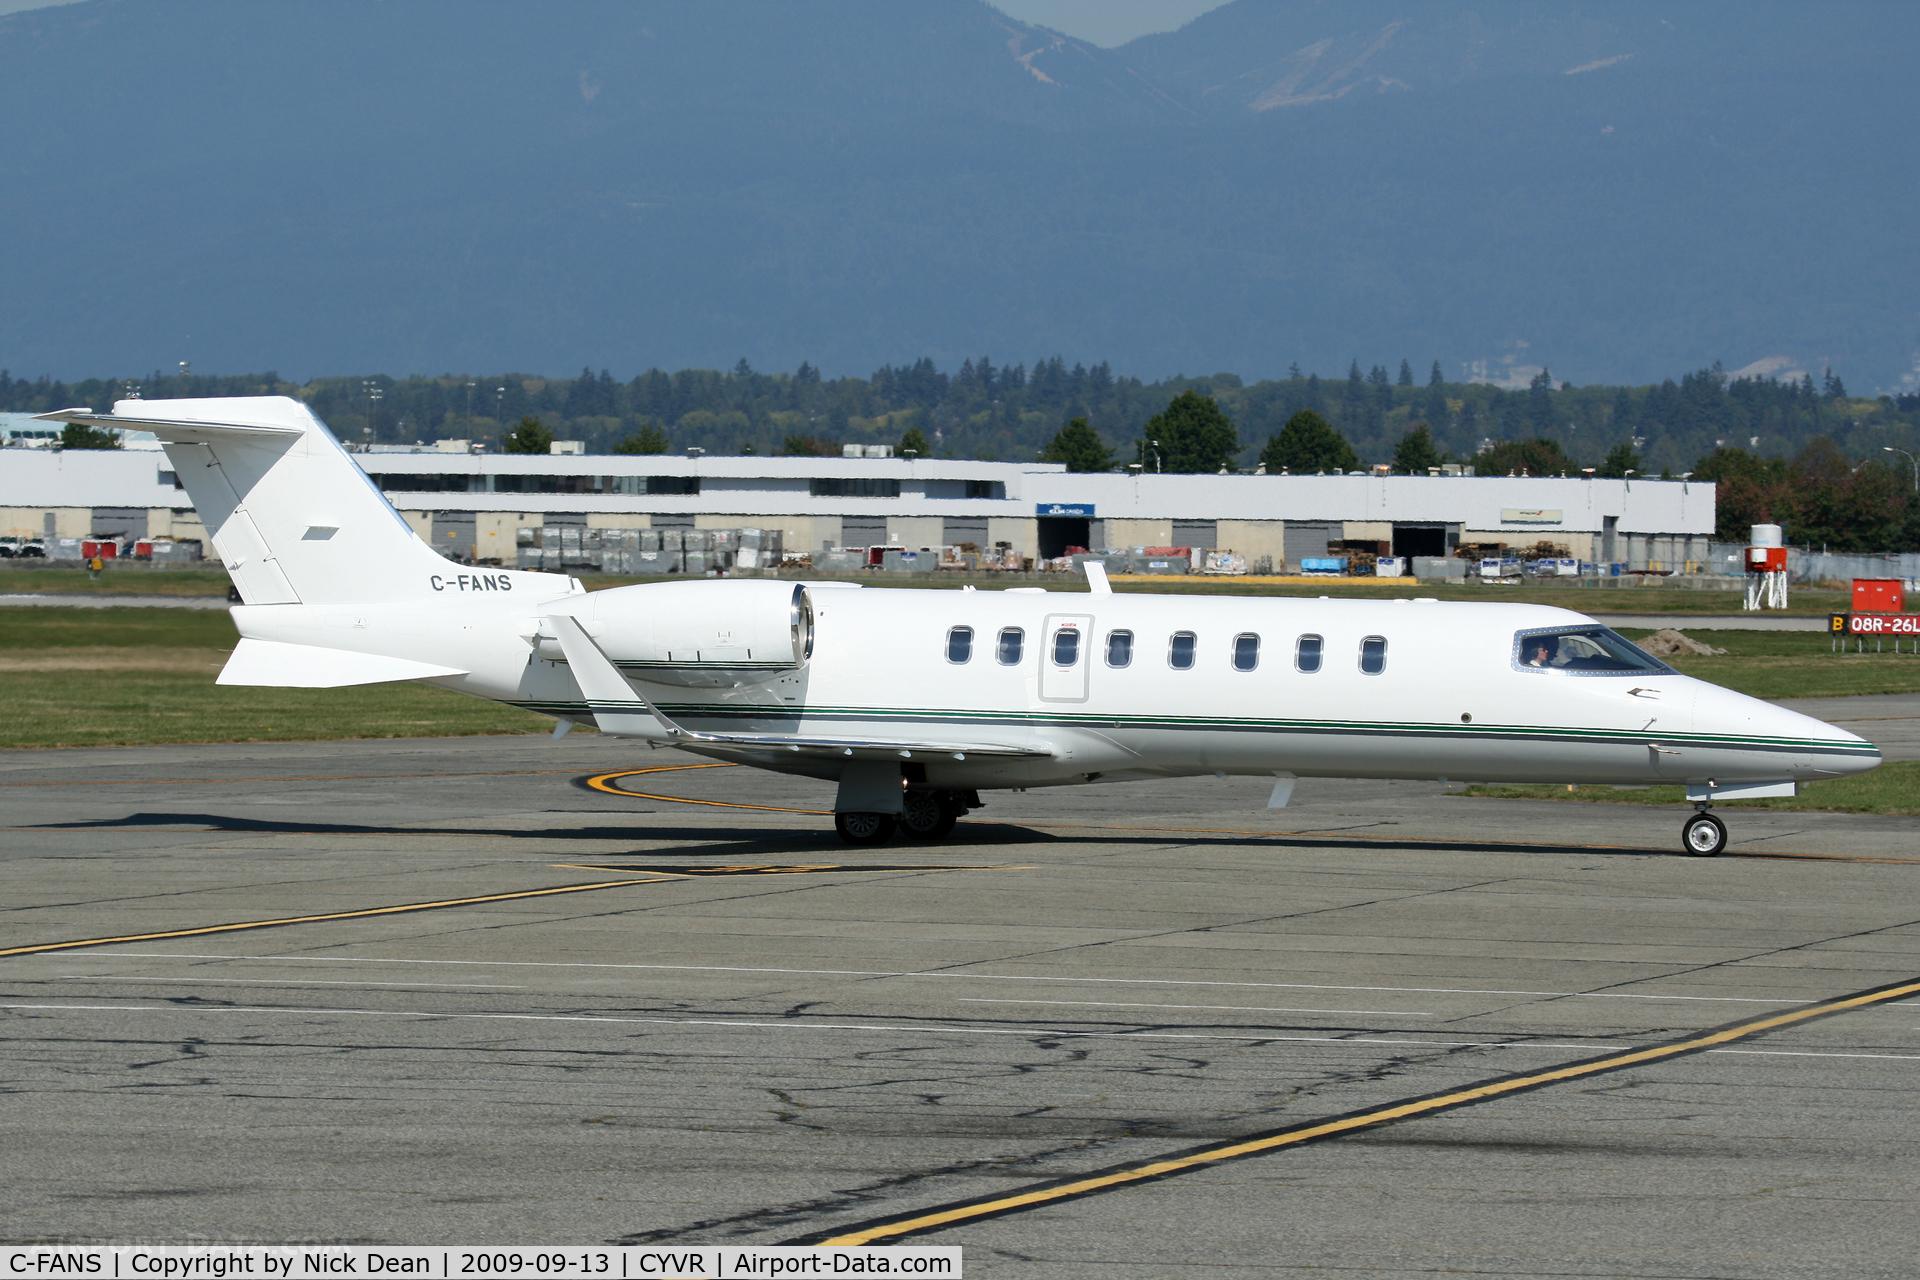 C-FANS, 2006 Learjet 45 C/N 303, CYVR